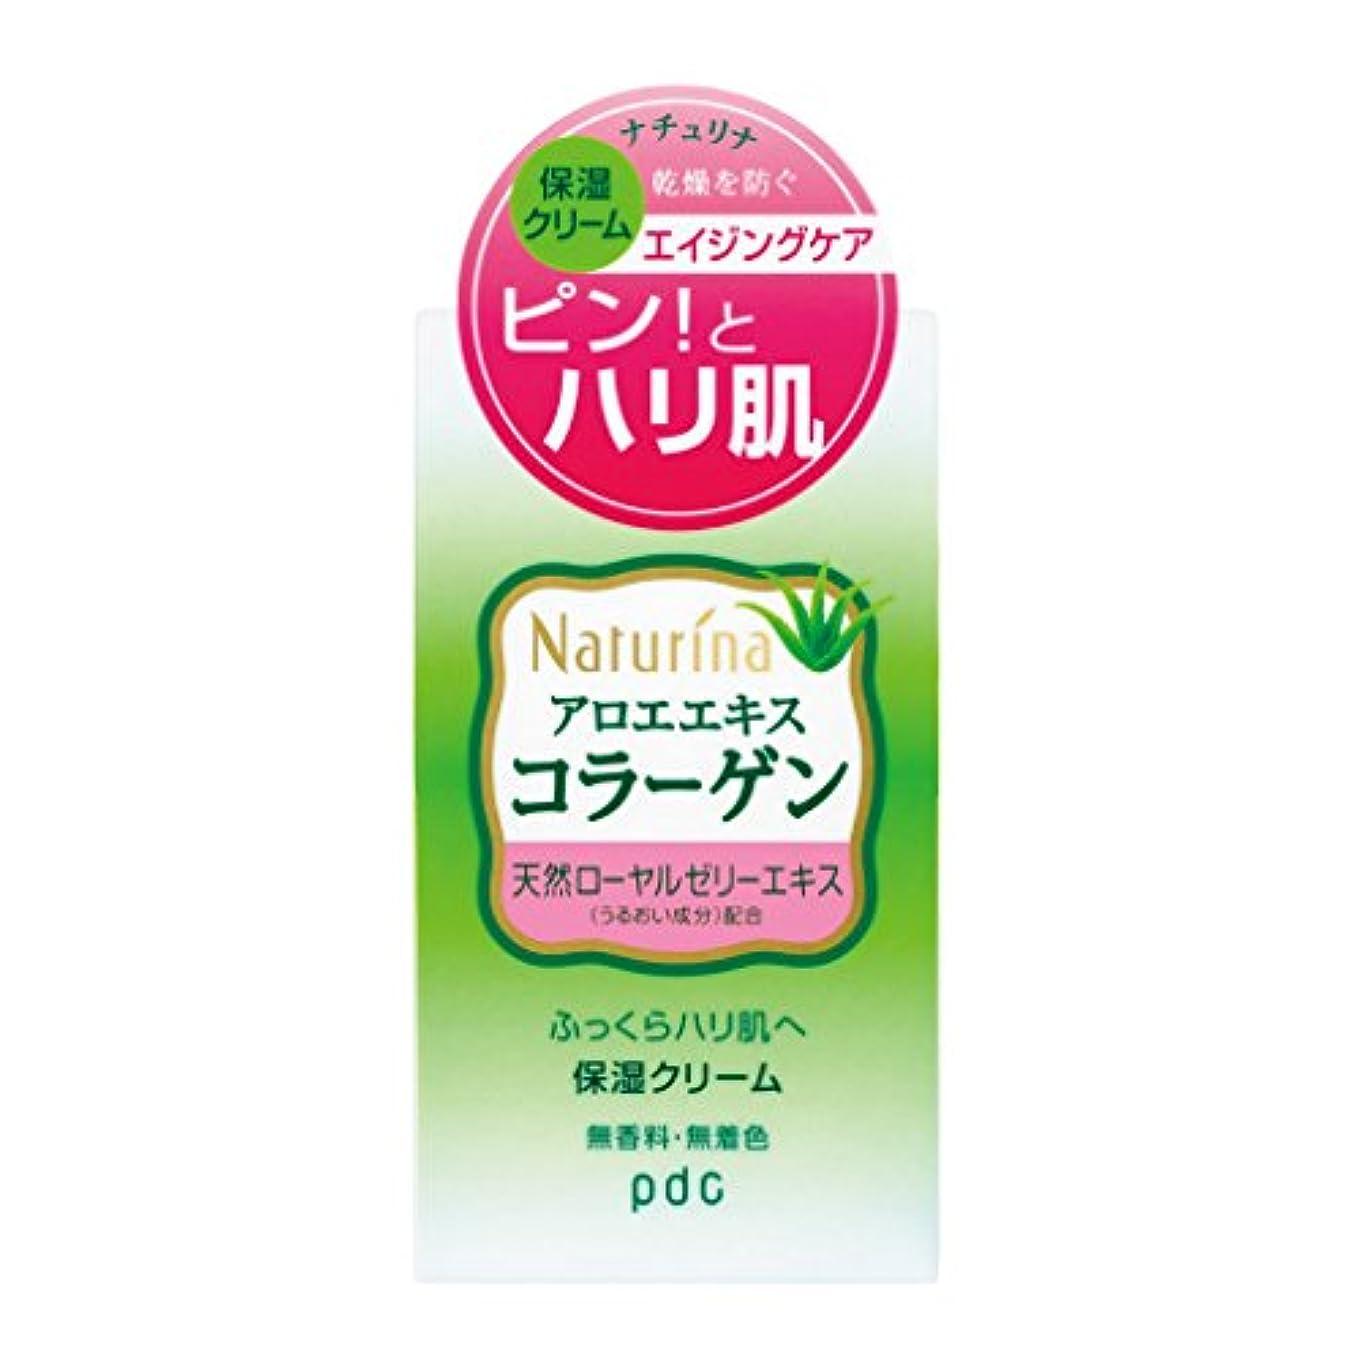 抽出シャワー中級ナチュリナ 保湿クリーム 60g